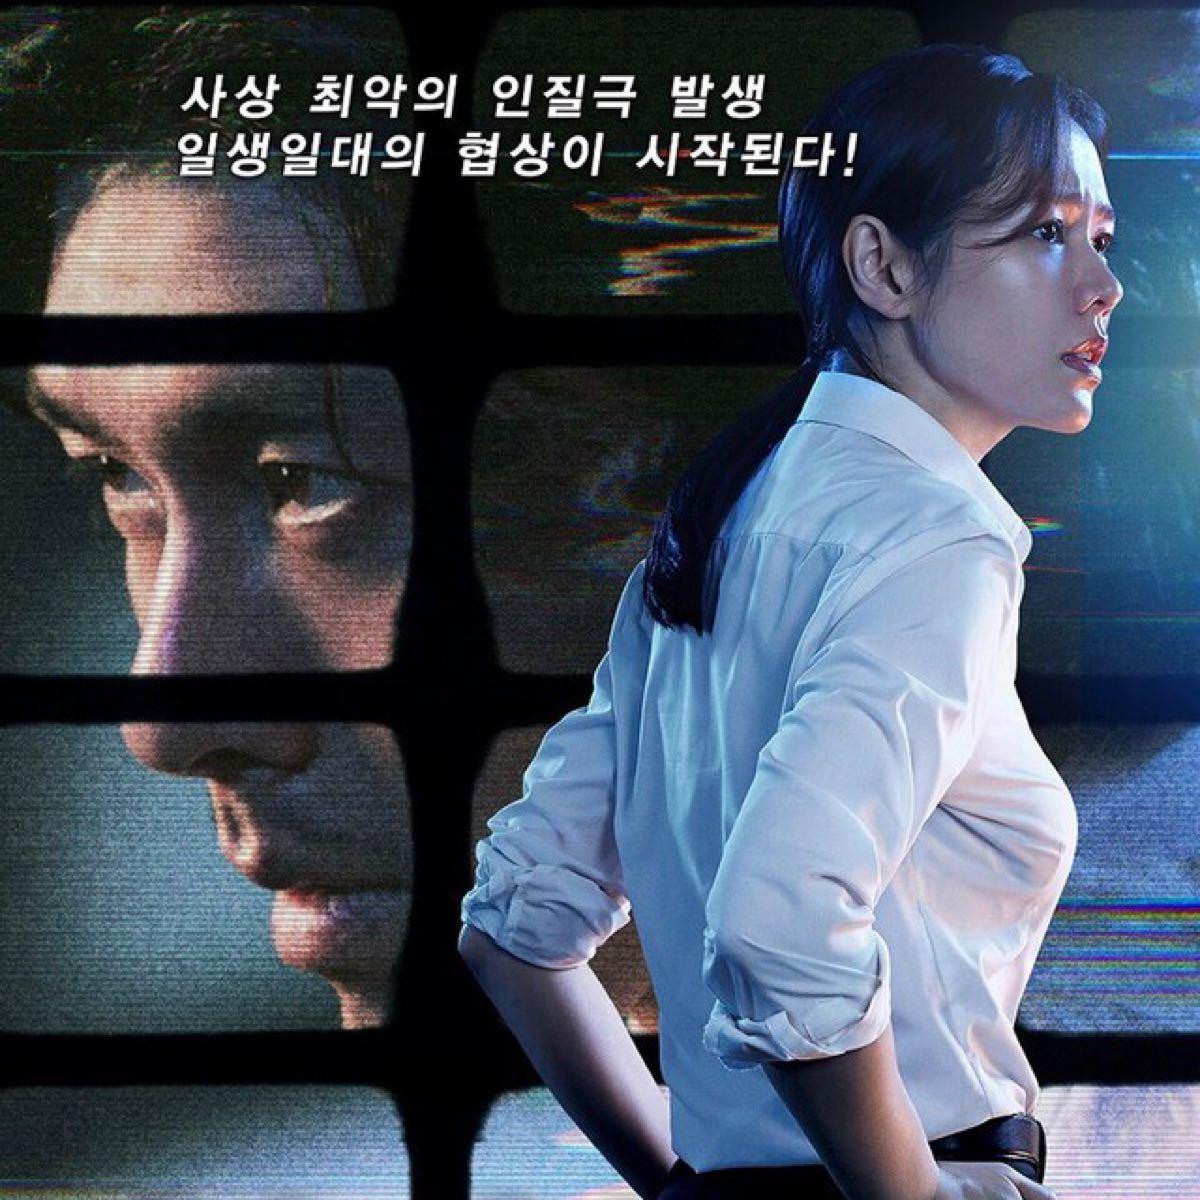 韓国映画 ネゴシエーション ヒョンビン  ソン・イェジン 共演作品  DVD  レーベル有り